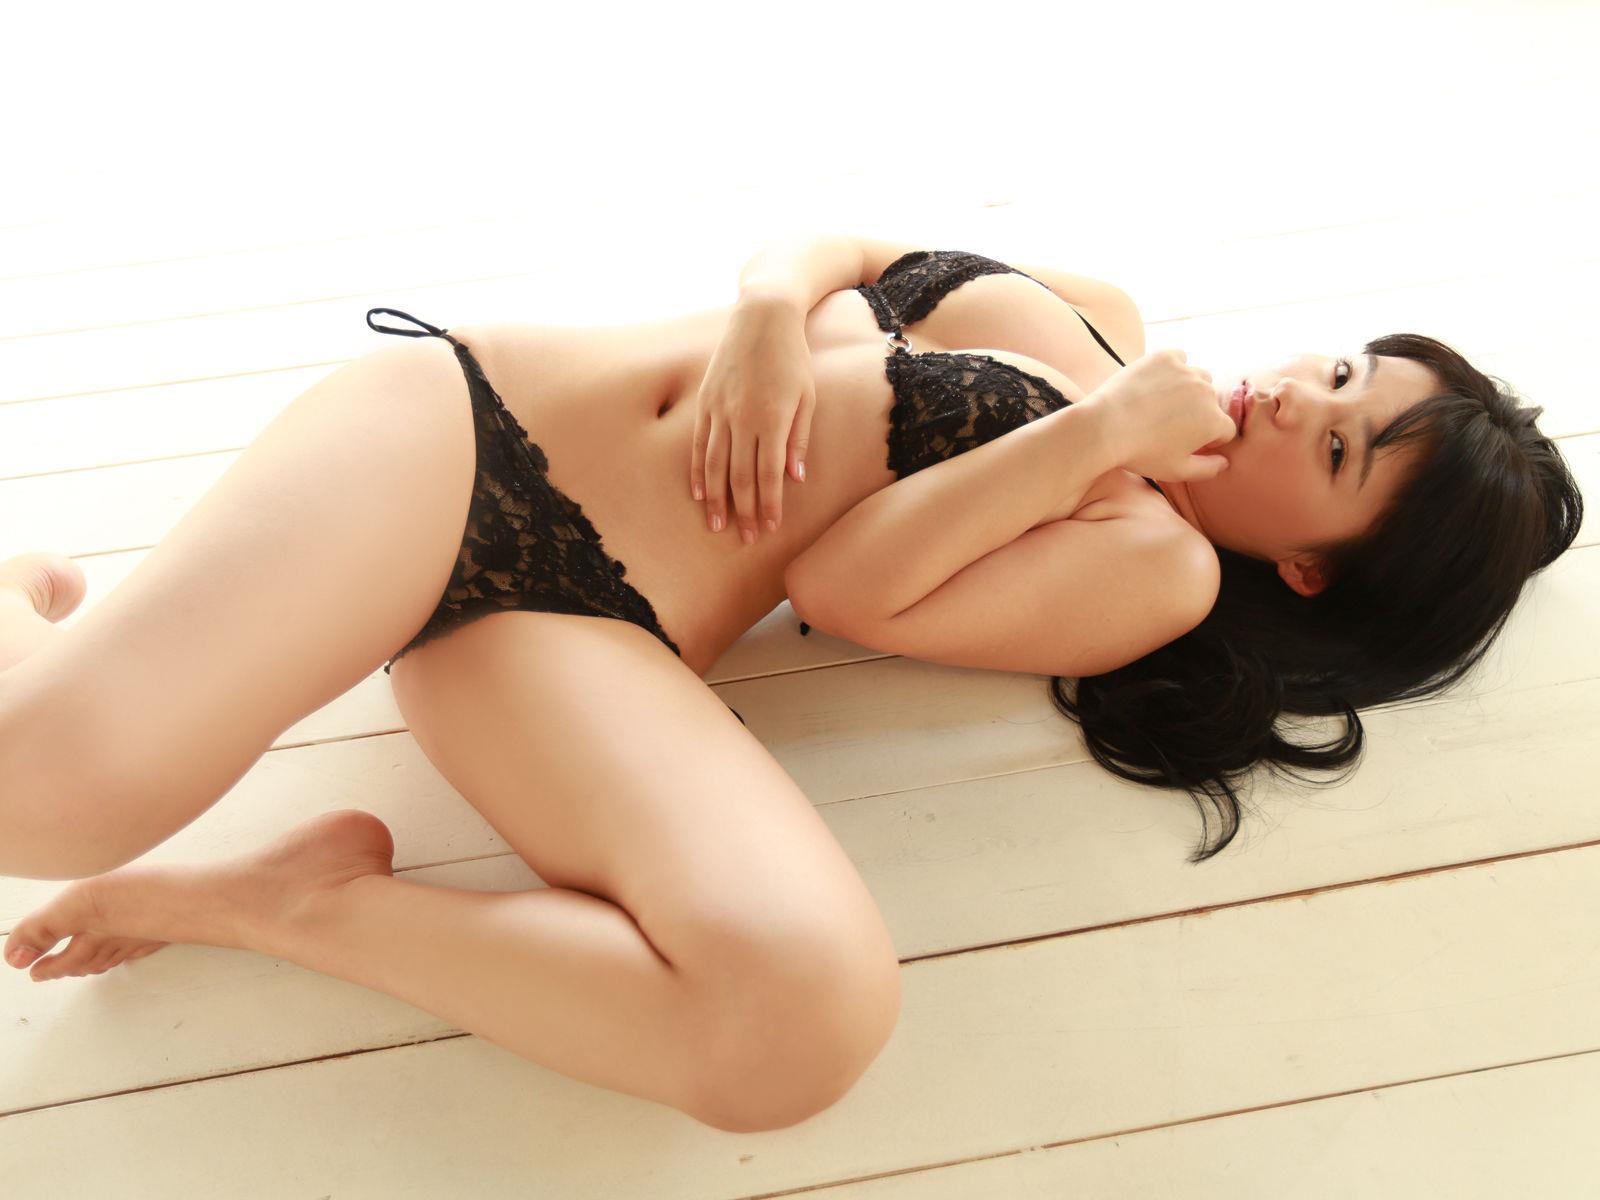 星名美津紀 セクシー画像 13